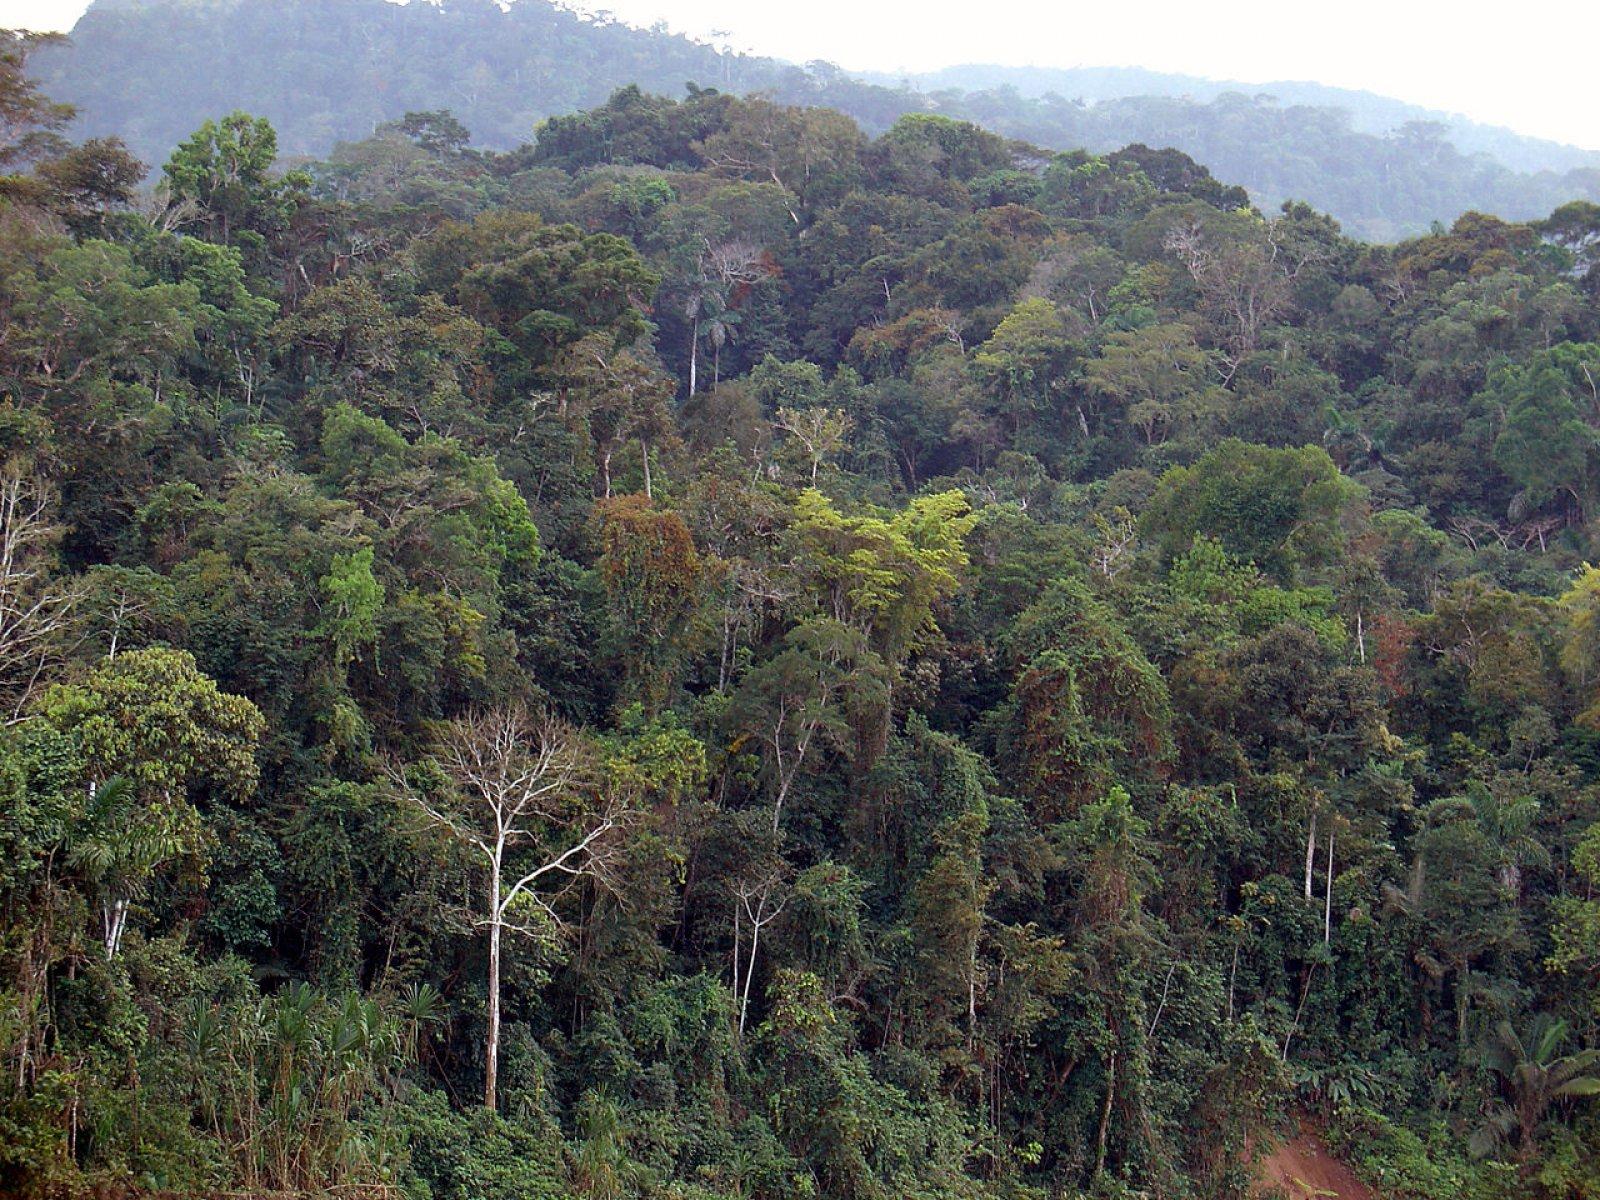 La selva amazònica al Perú